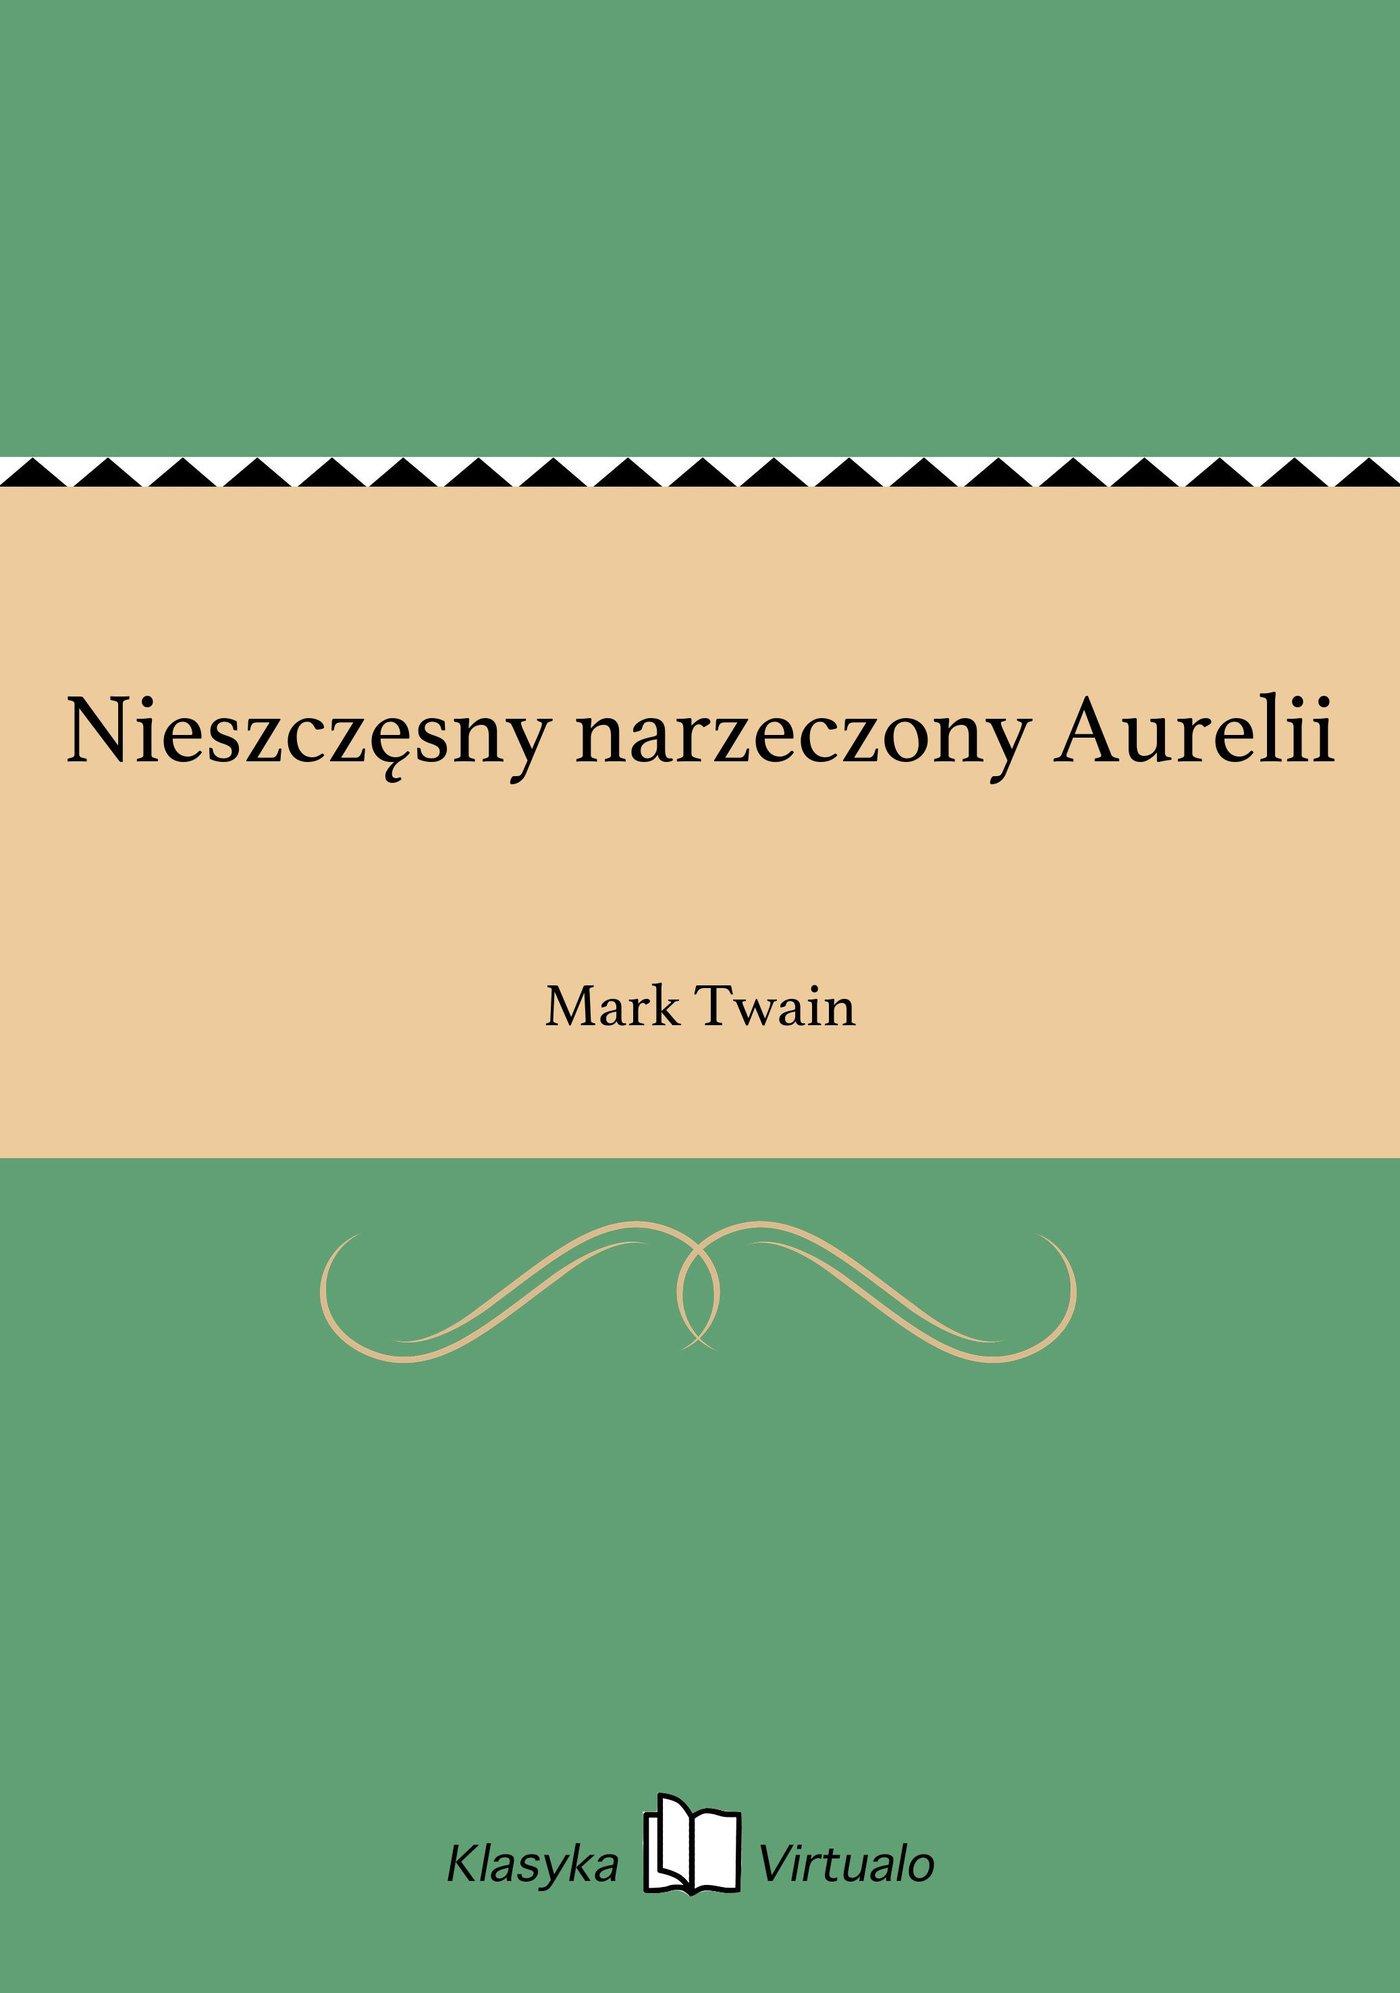 Nieszczęsny narzeczony Aurelii - Ebook (Książka EPUB) do pobrania w formacie EPUB